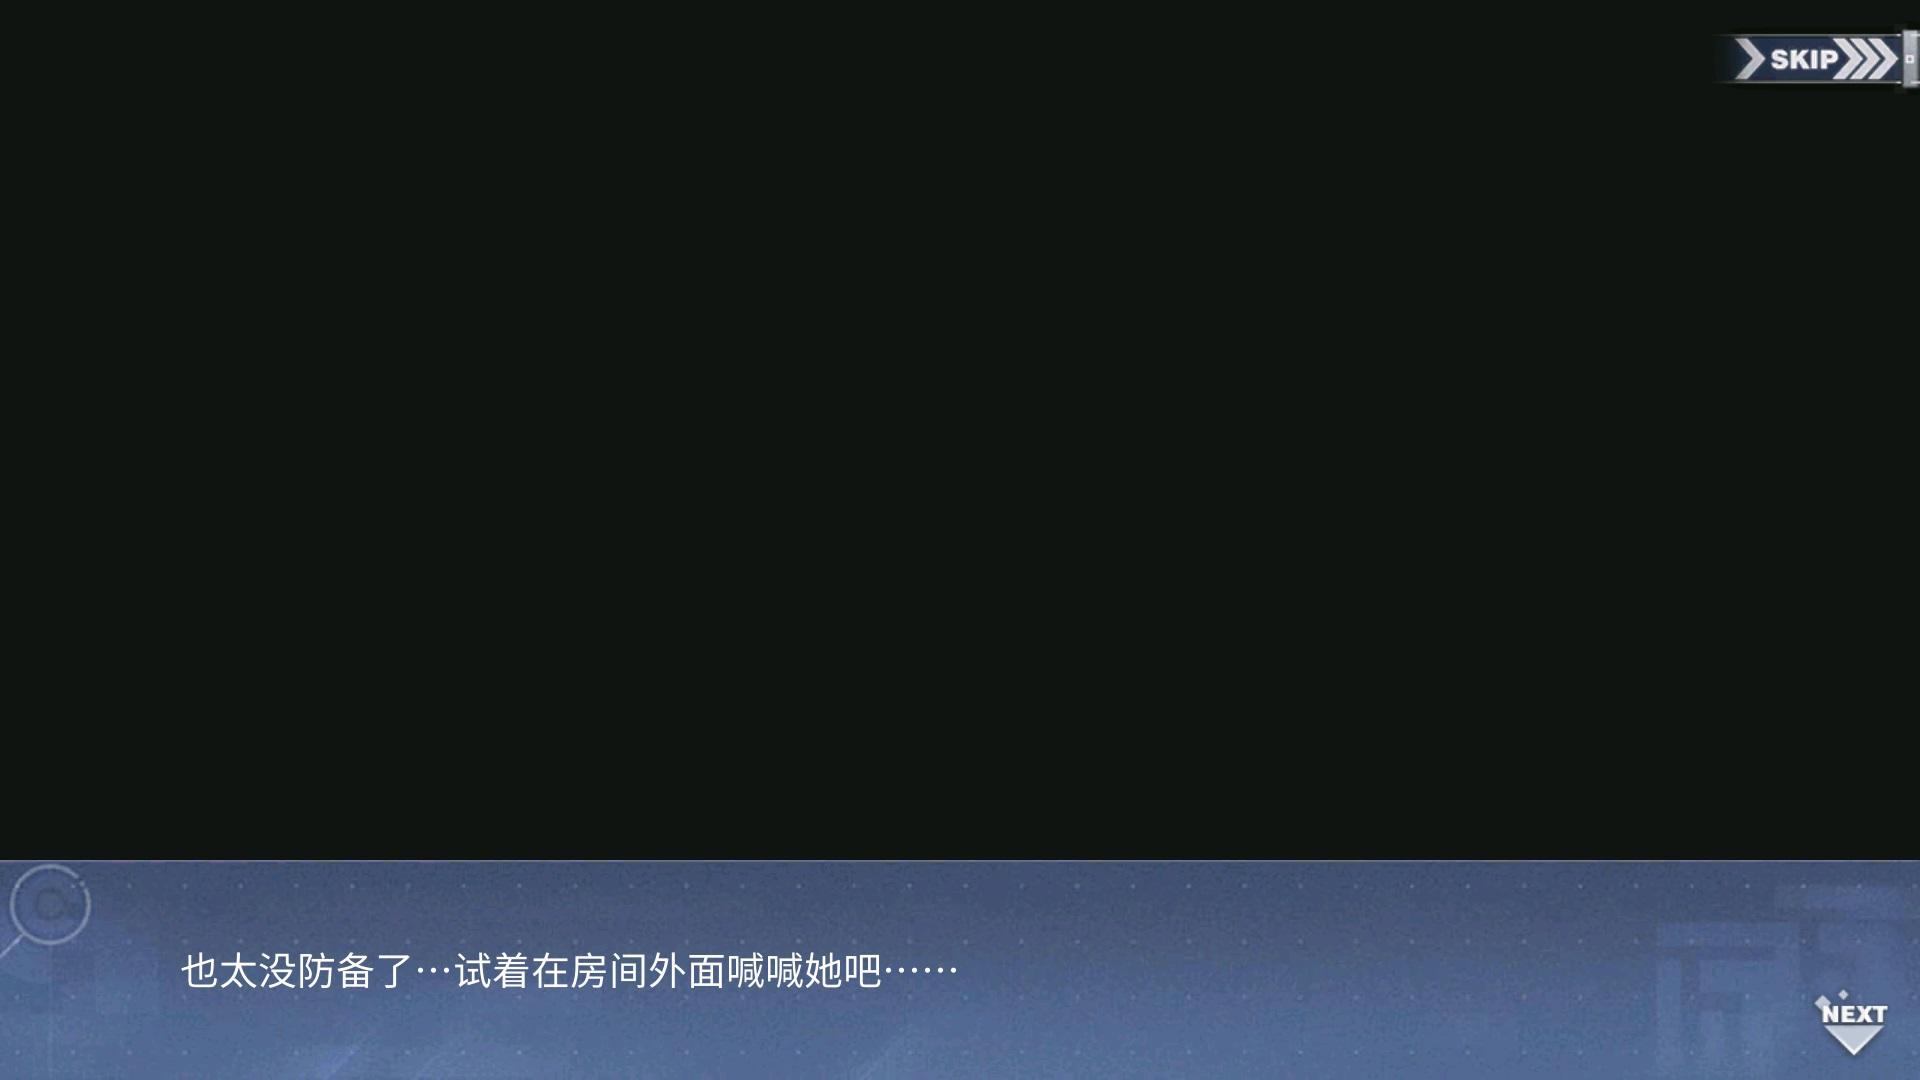 回忆 GO!肯特选手! 黑夜里的光!014.jpg